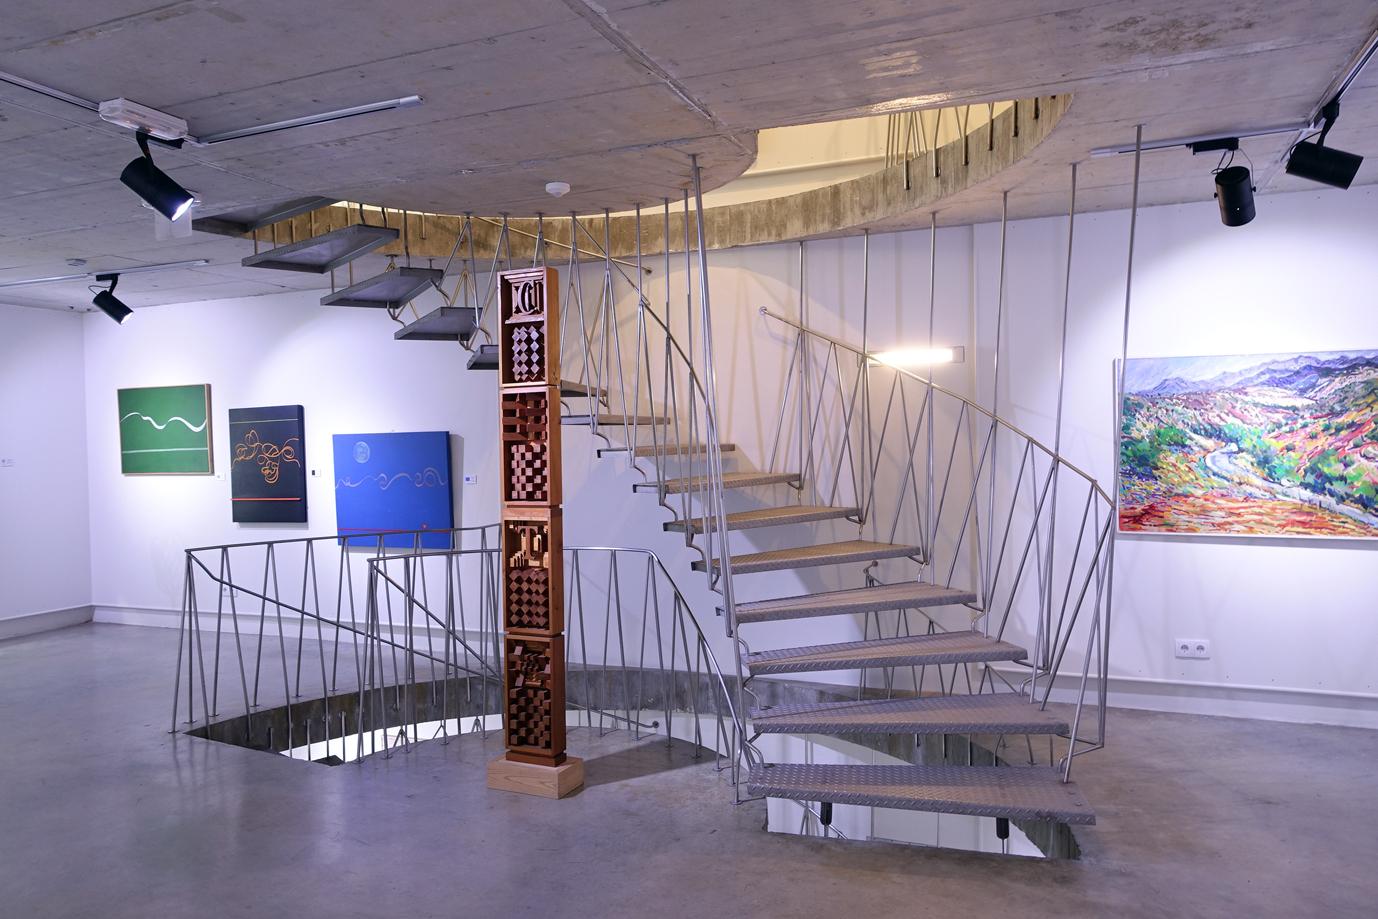 Museo Torre-Pujales y sus famosas escaleras